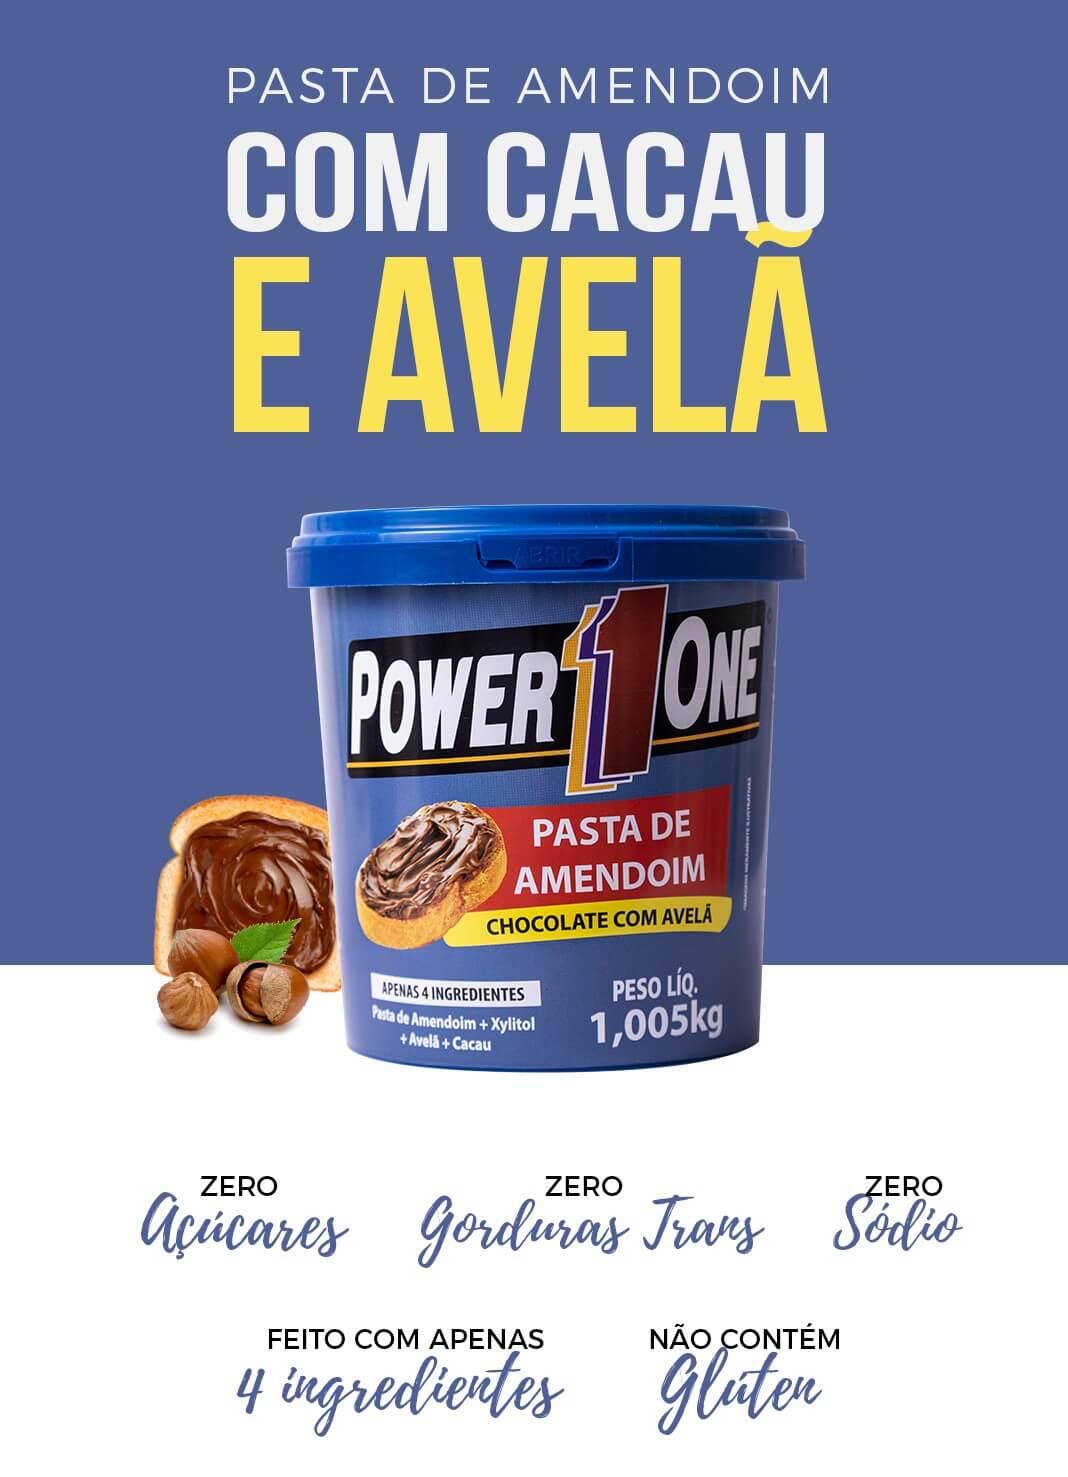 PASTA DE AMENDOIM CHOCOLATE E AVELÃ 1,005kg